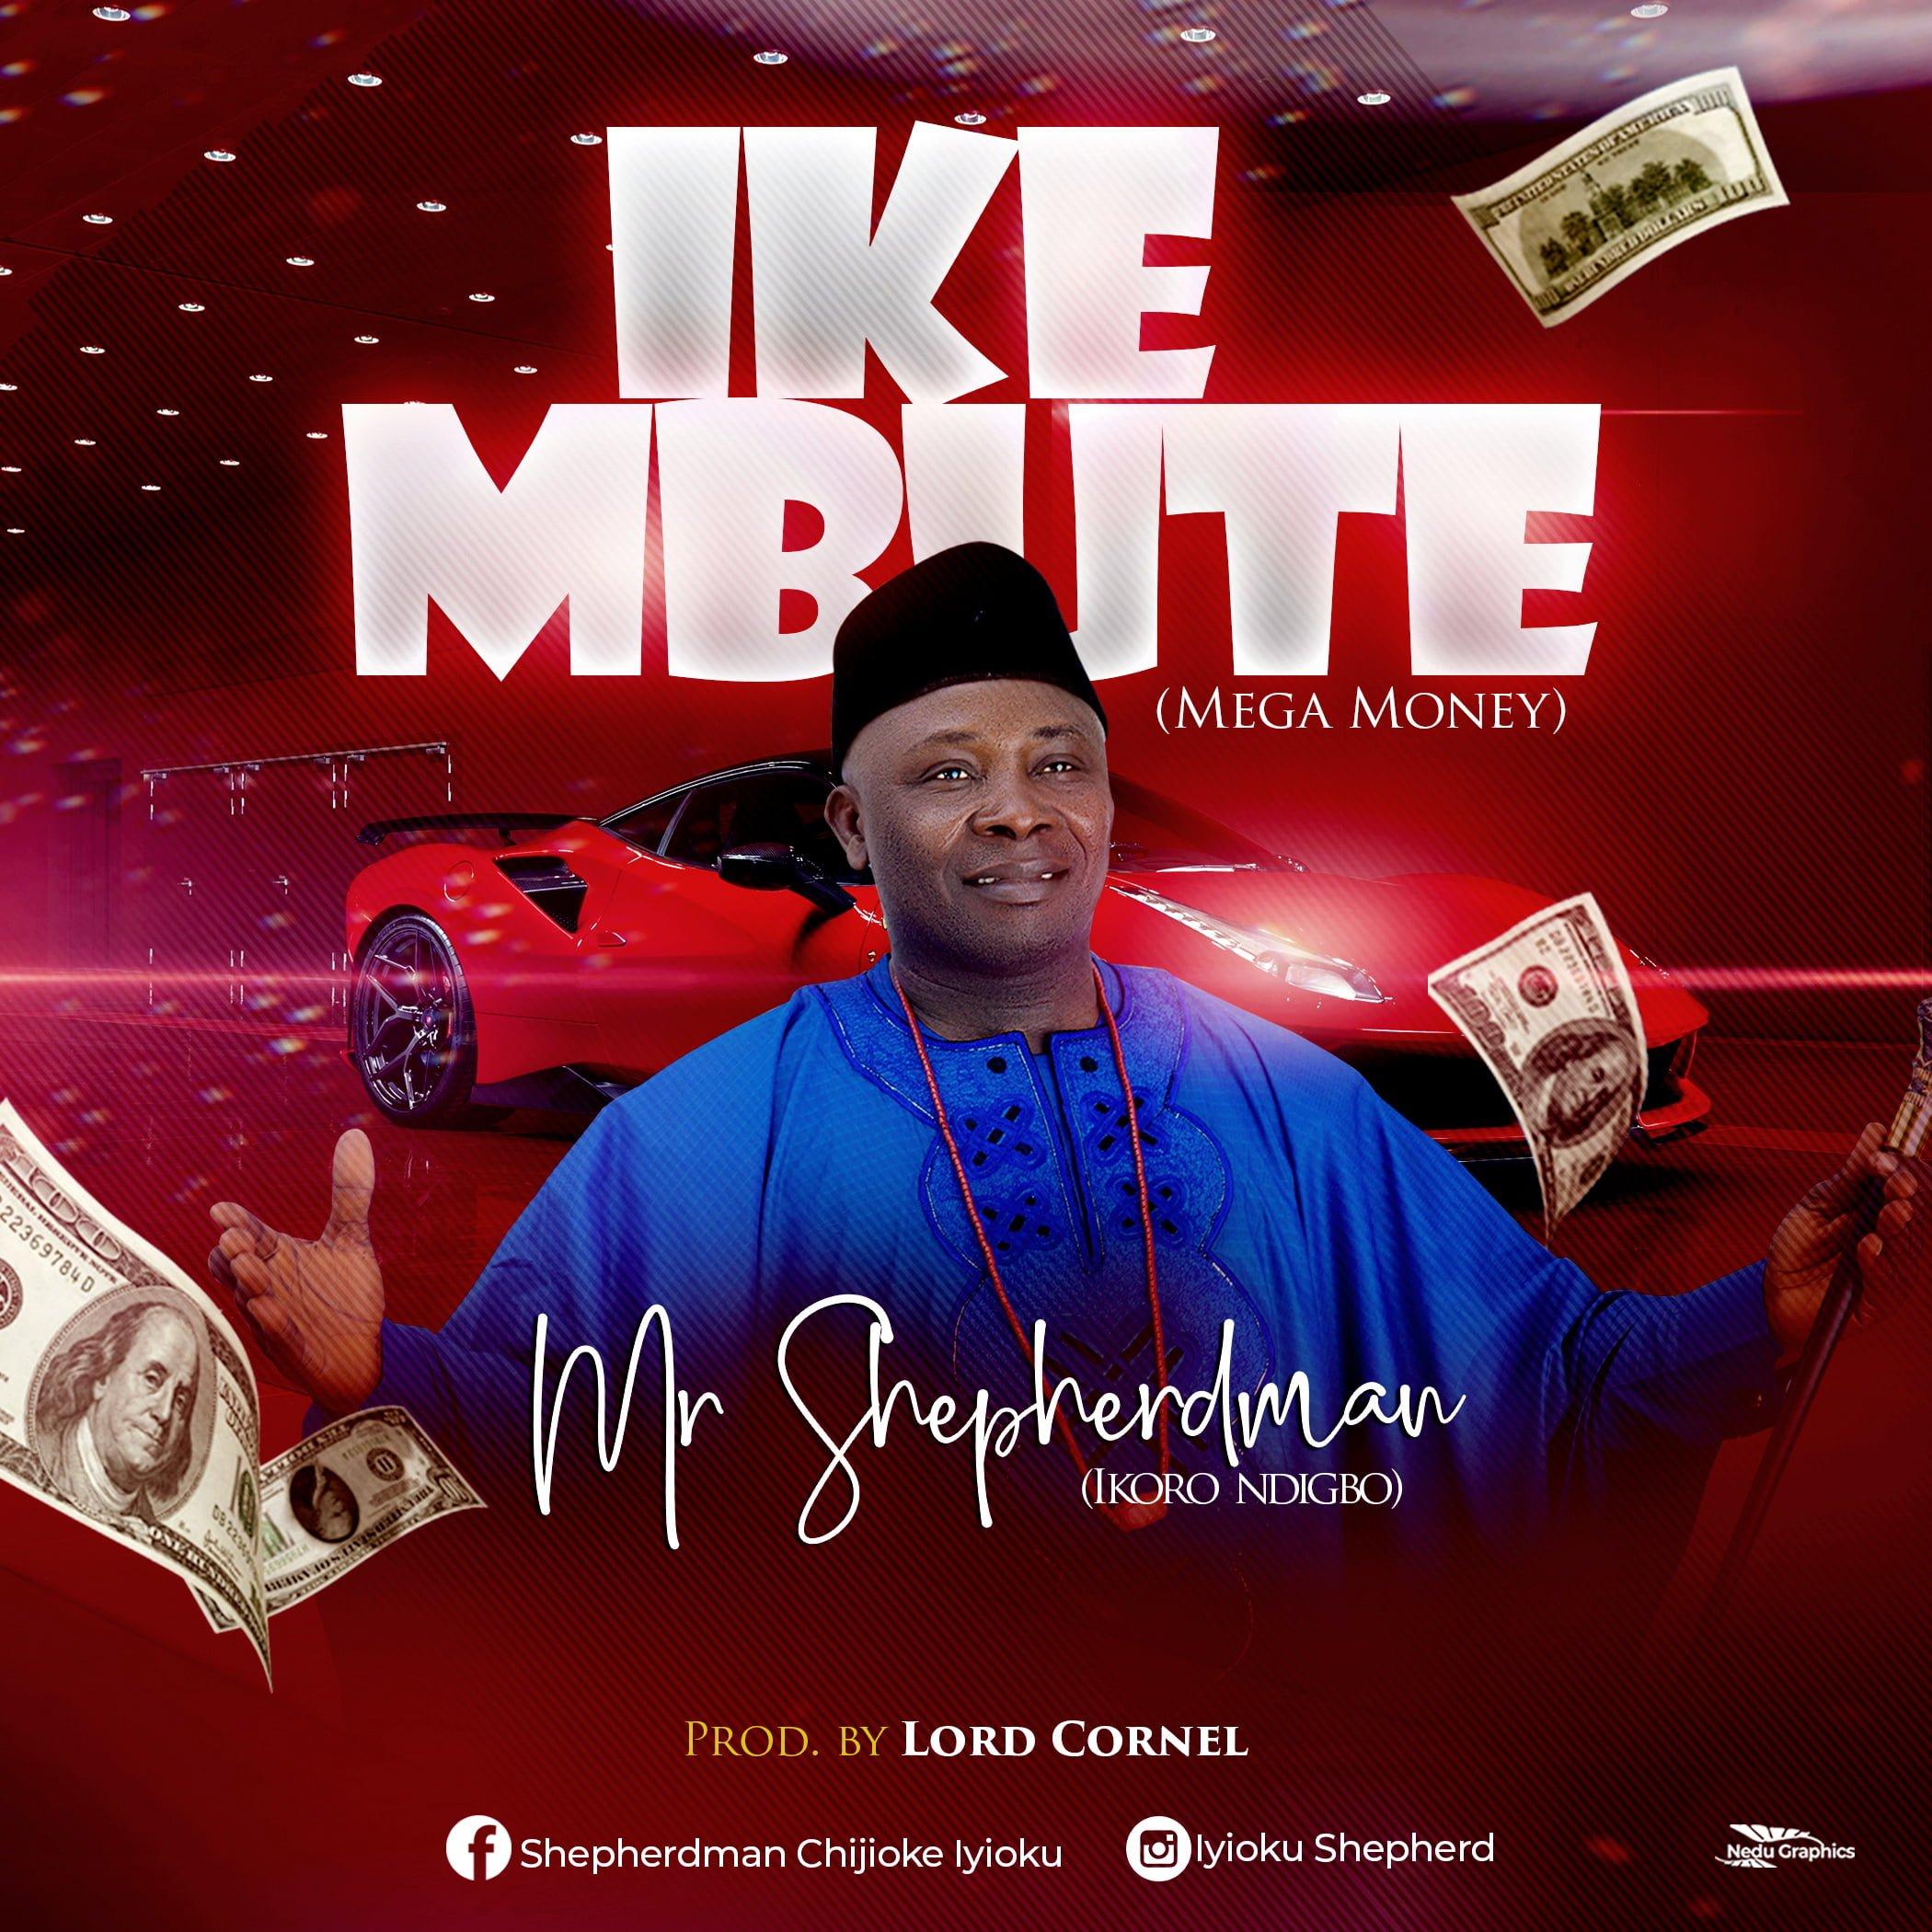 DSC 9163 - #Nigeria: Music: Mr Shepherd Man - Ego Mbute (Prod By Lord Cornel)